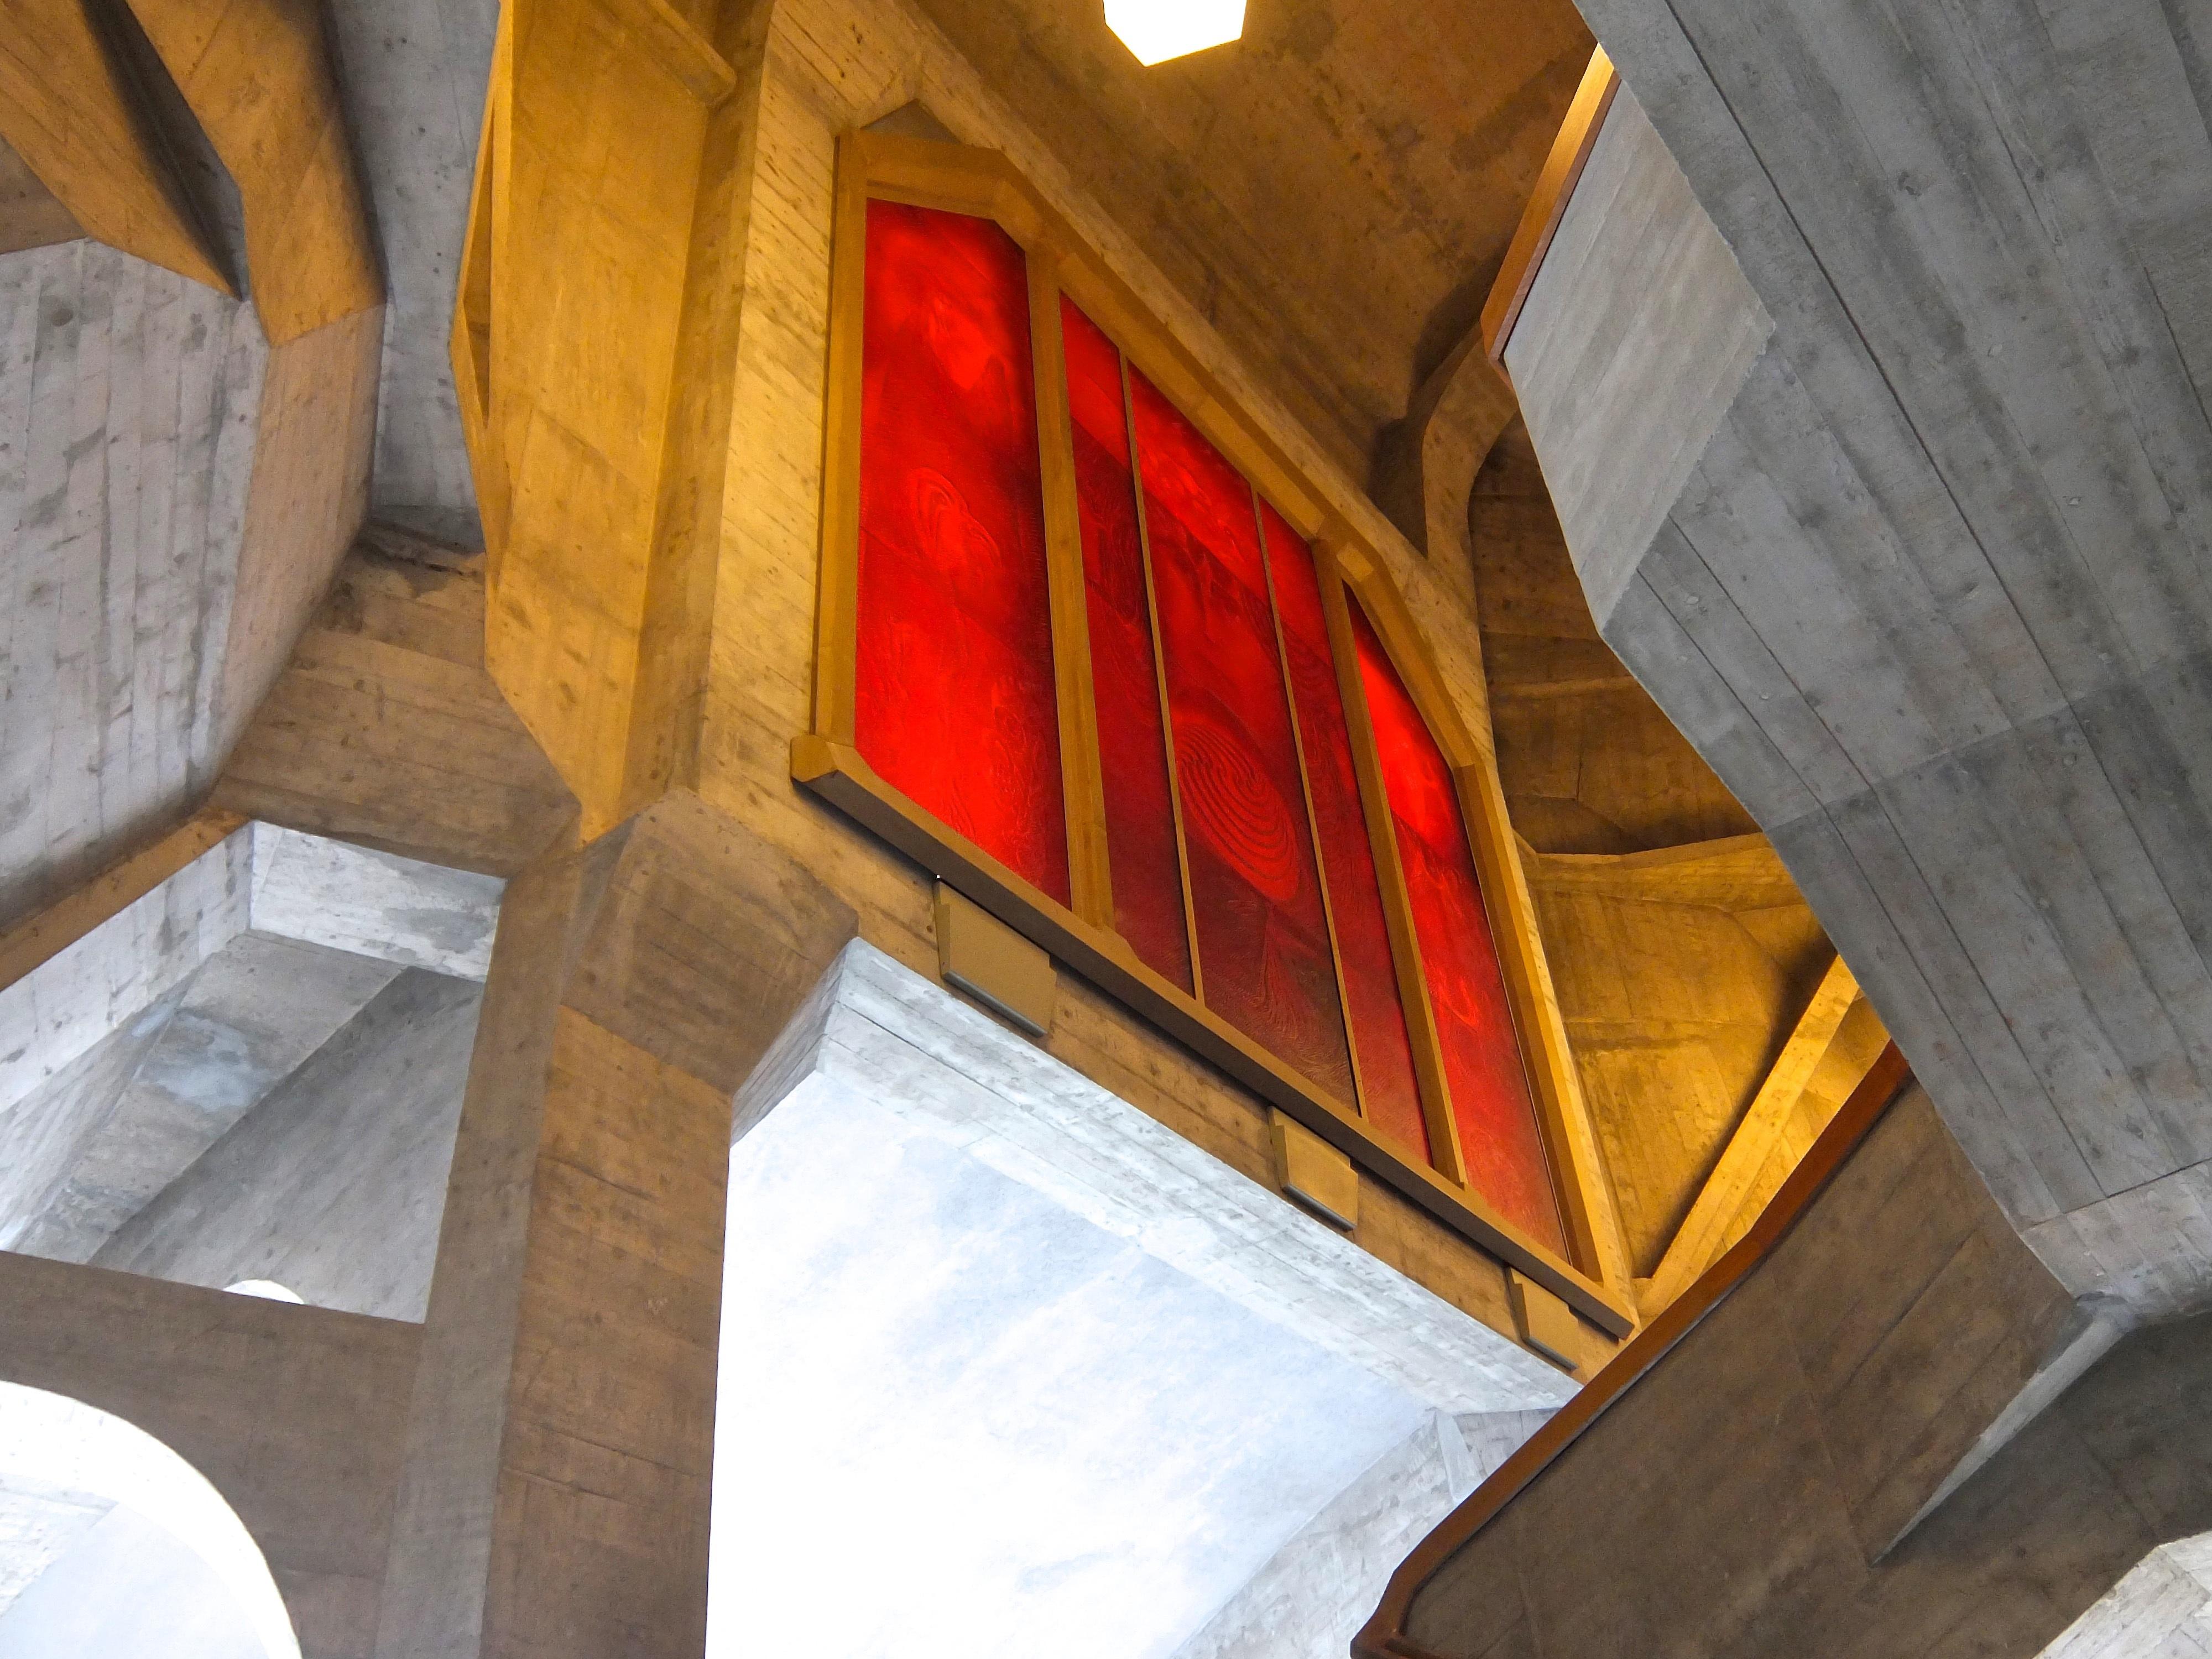 Rudolf Steiner Architektur kostenlose foto die architektur holz haus stock fenster glas